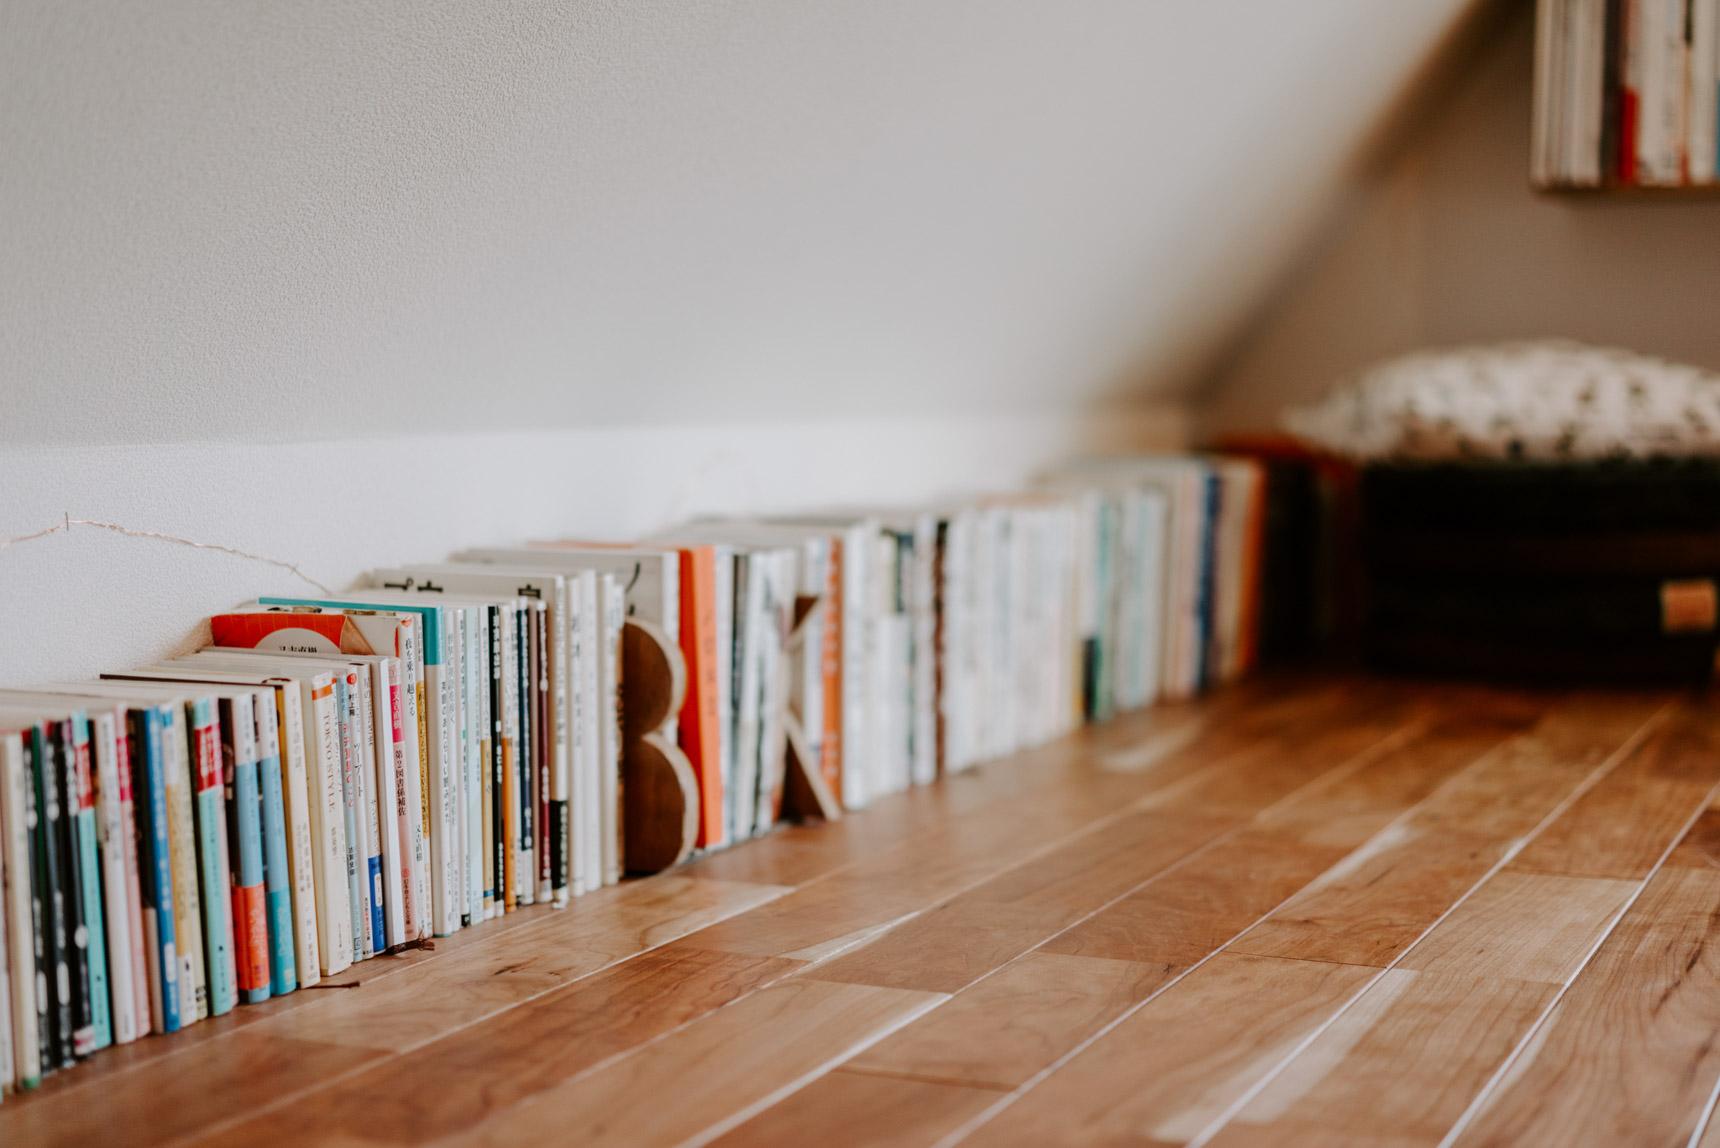 「本はいくらでも買っていい」がマイルール。仕舞い込むのではなくこうやって並べて、インテリアの一部にしています。